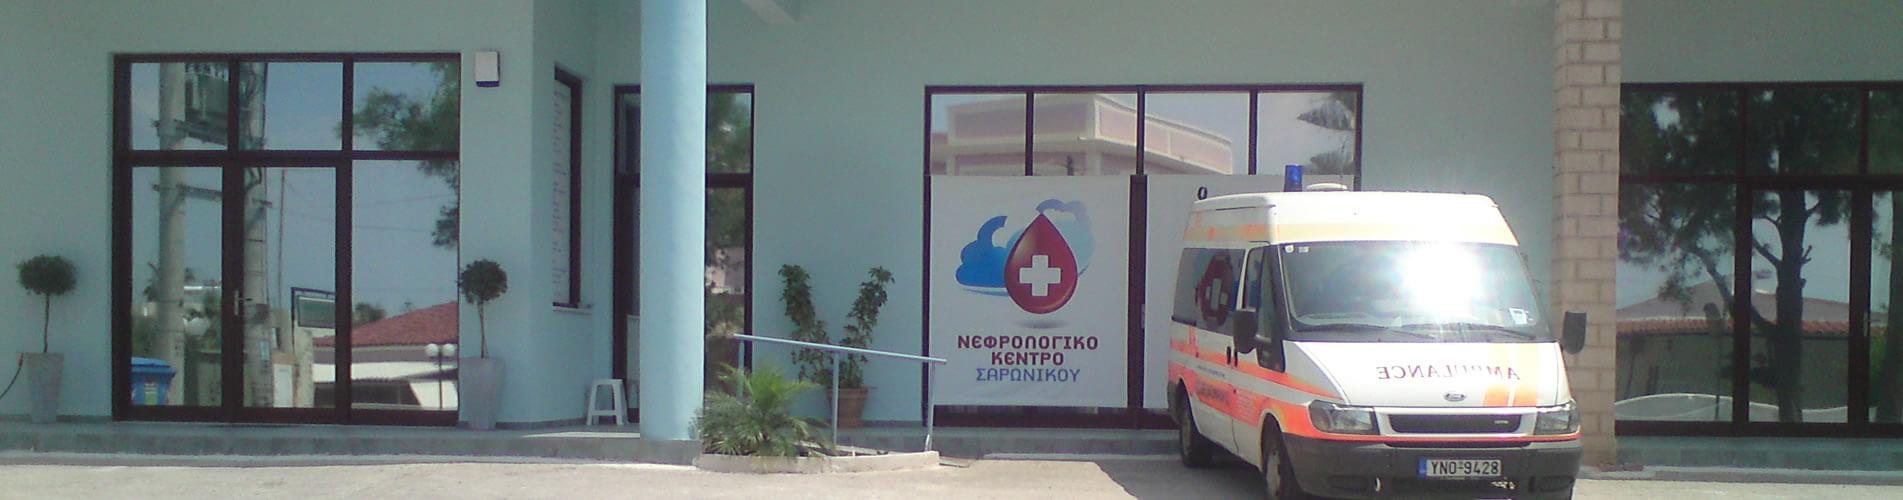 Νεφρολογικό Κέντρο Σαρωνικού - Εξωτερικά 2